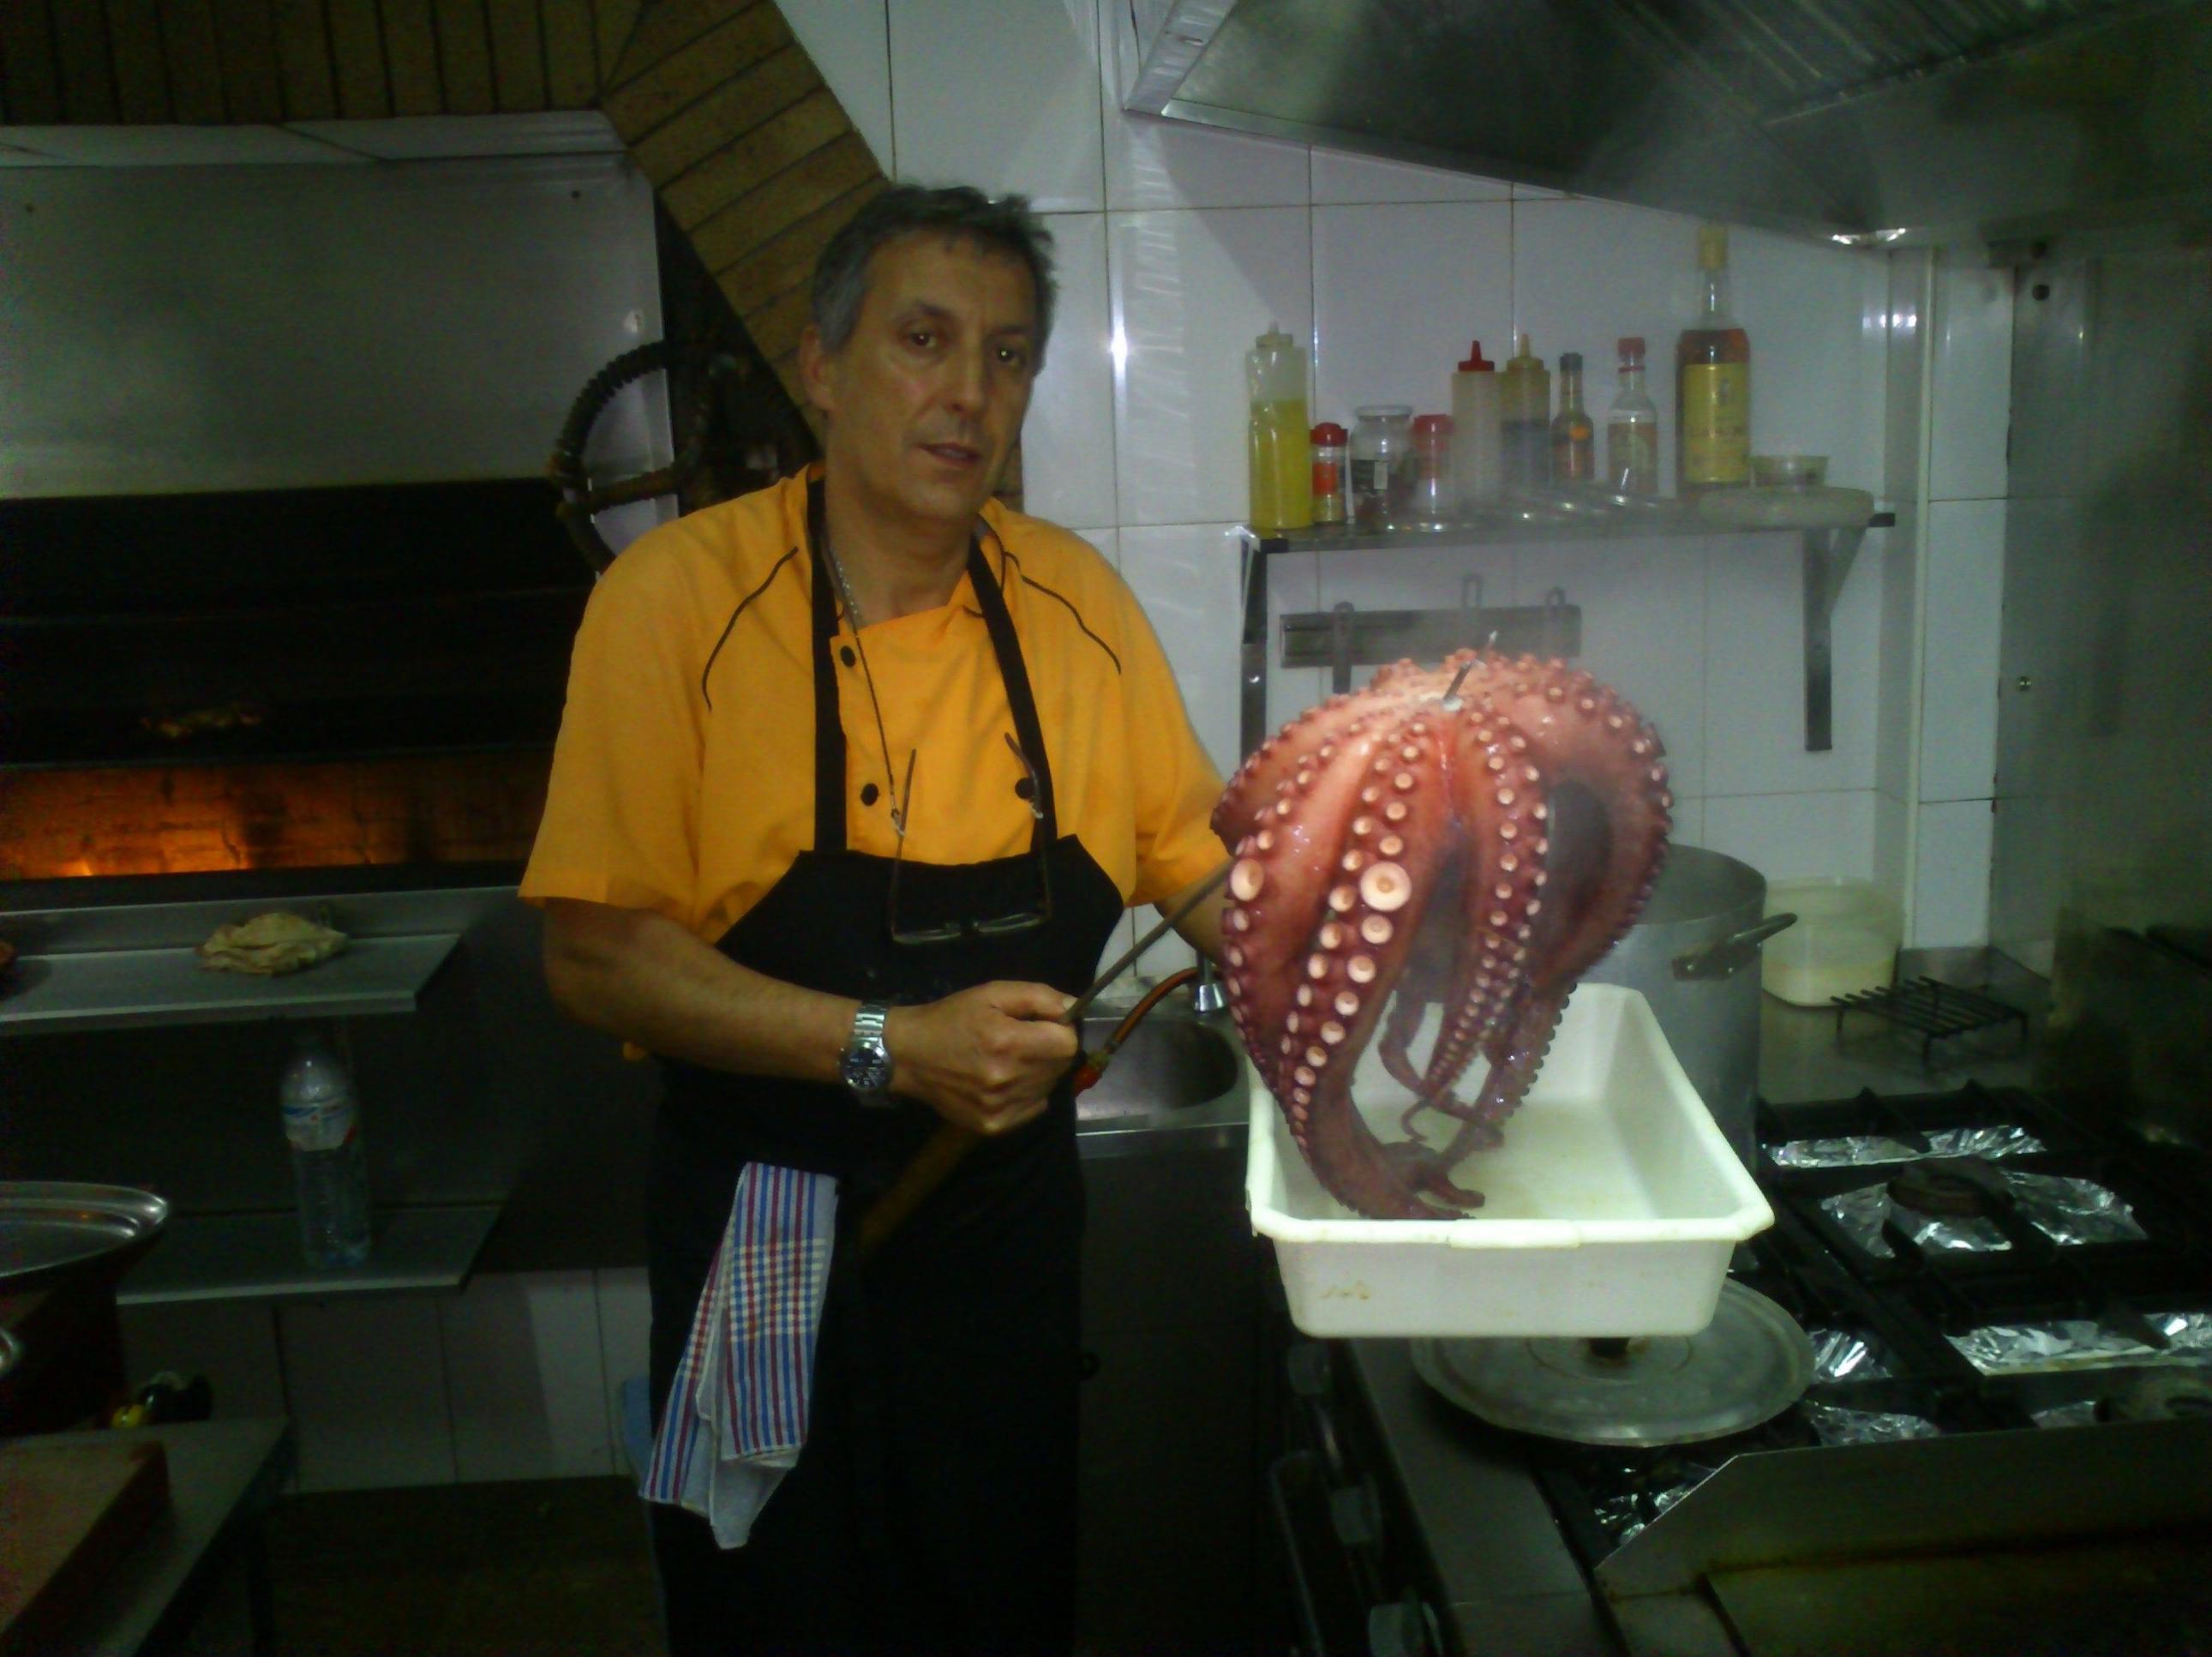 Foto 5 de Cocina canaria en Buenavista del Norte | Restaurante Meson Del Norte